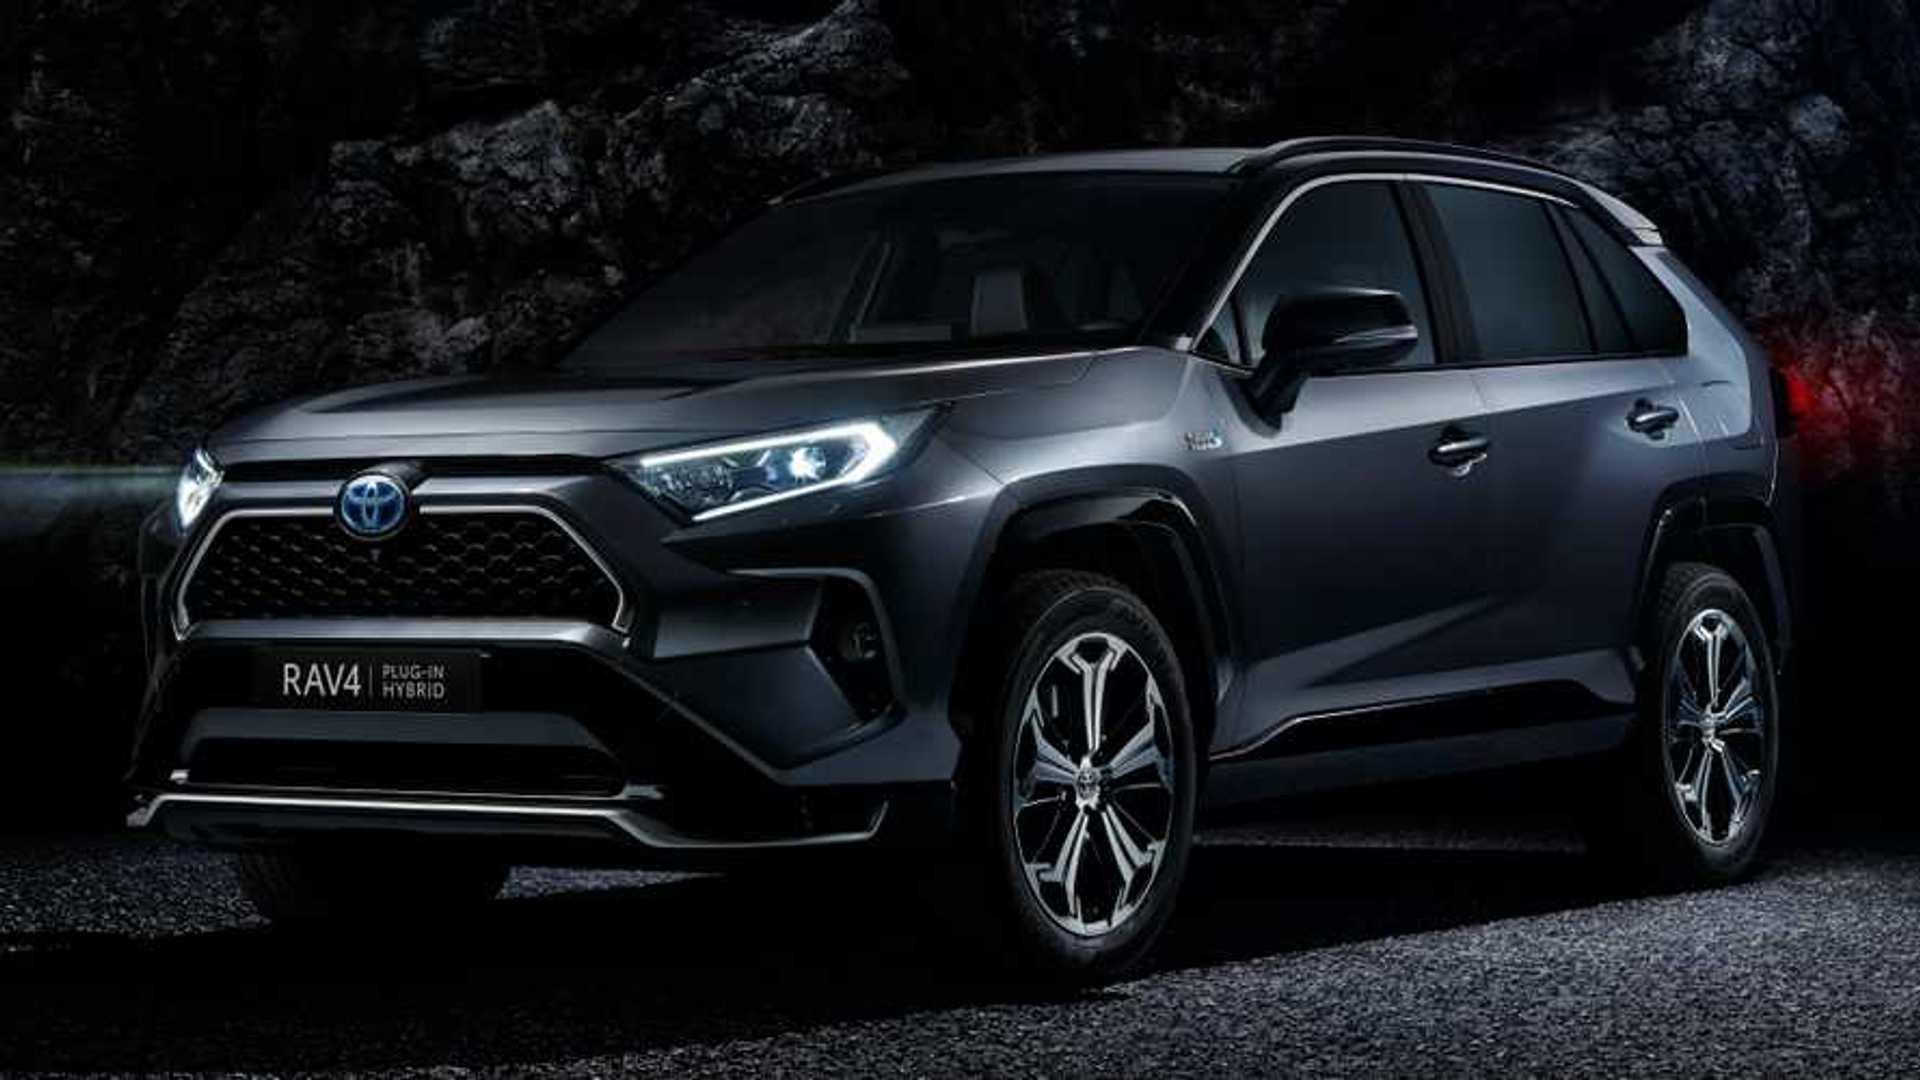 2020 Toyota Rav4 Hybrid Wallpaper